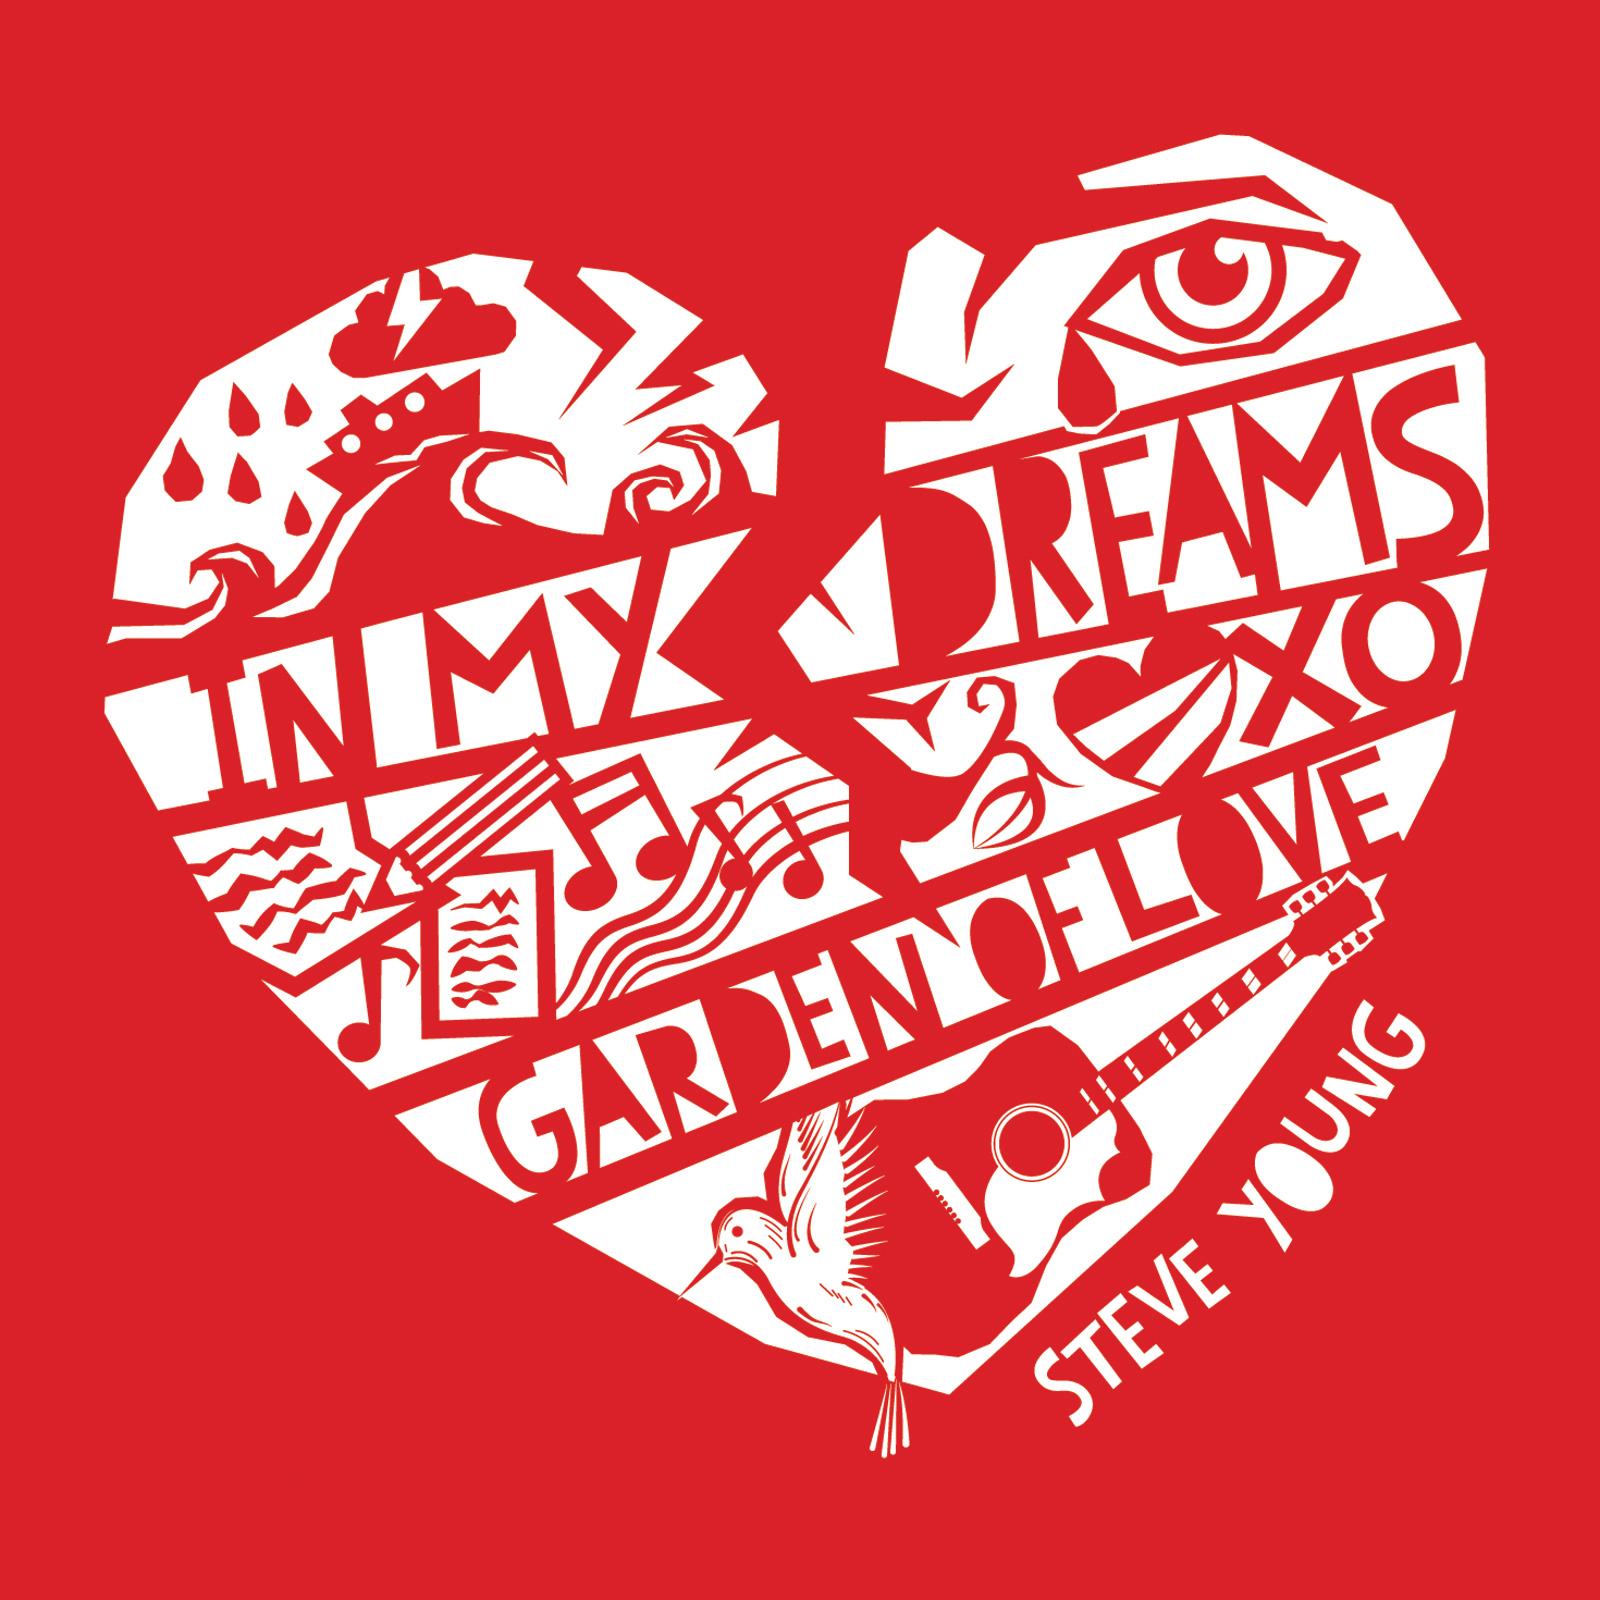 Garden Of Love (Endless Summer Remix MP3) - Steve Young